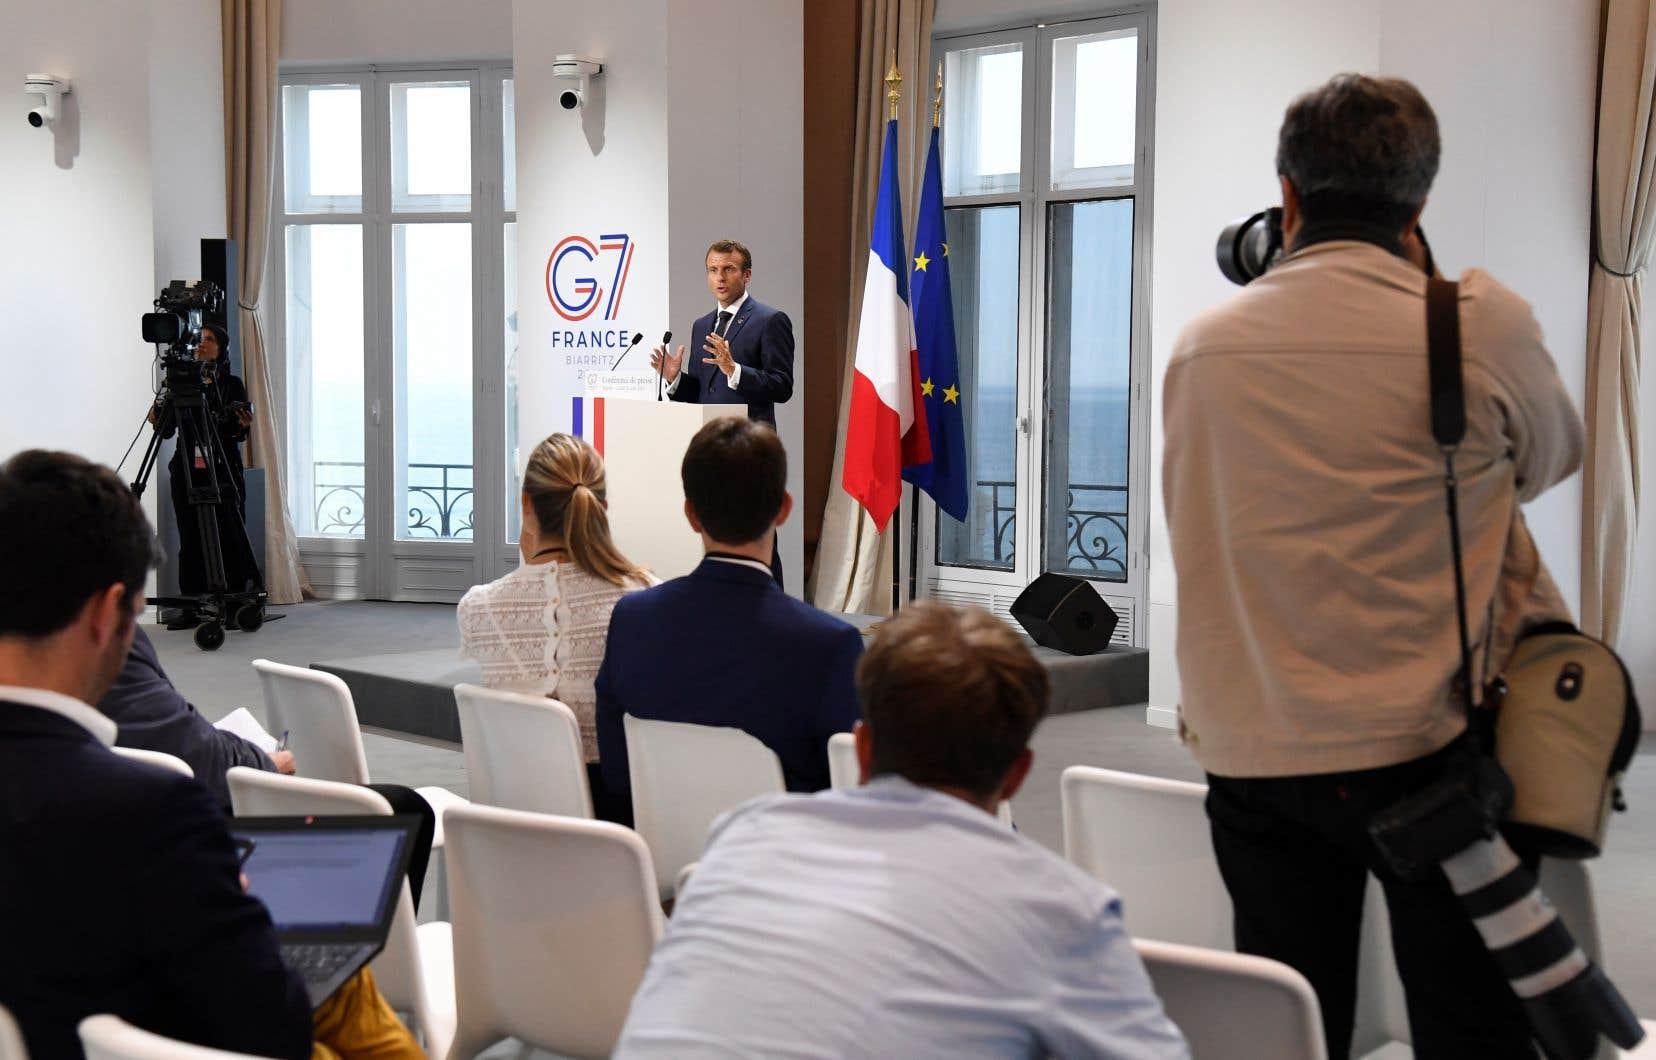 «Il y a beaucoup de nervosité sur cette fameuse taxe numérique française», mais «je crois qu'on a trouvé un très bon accord», a assuré Emmanuel Macron.